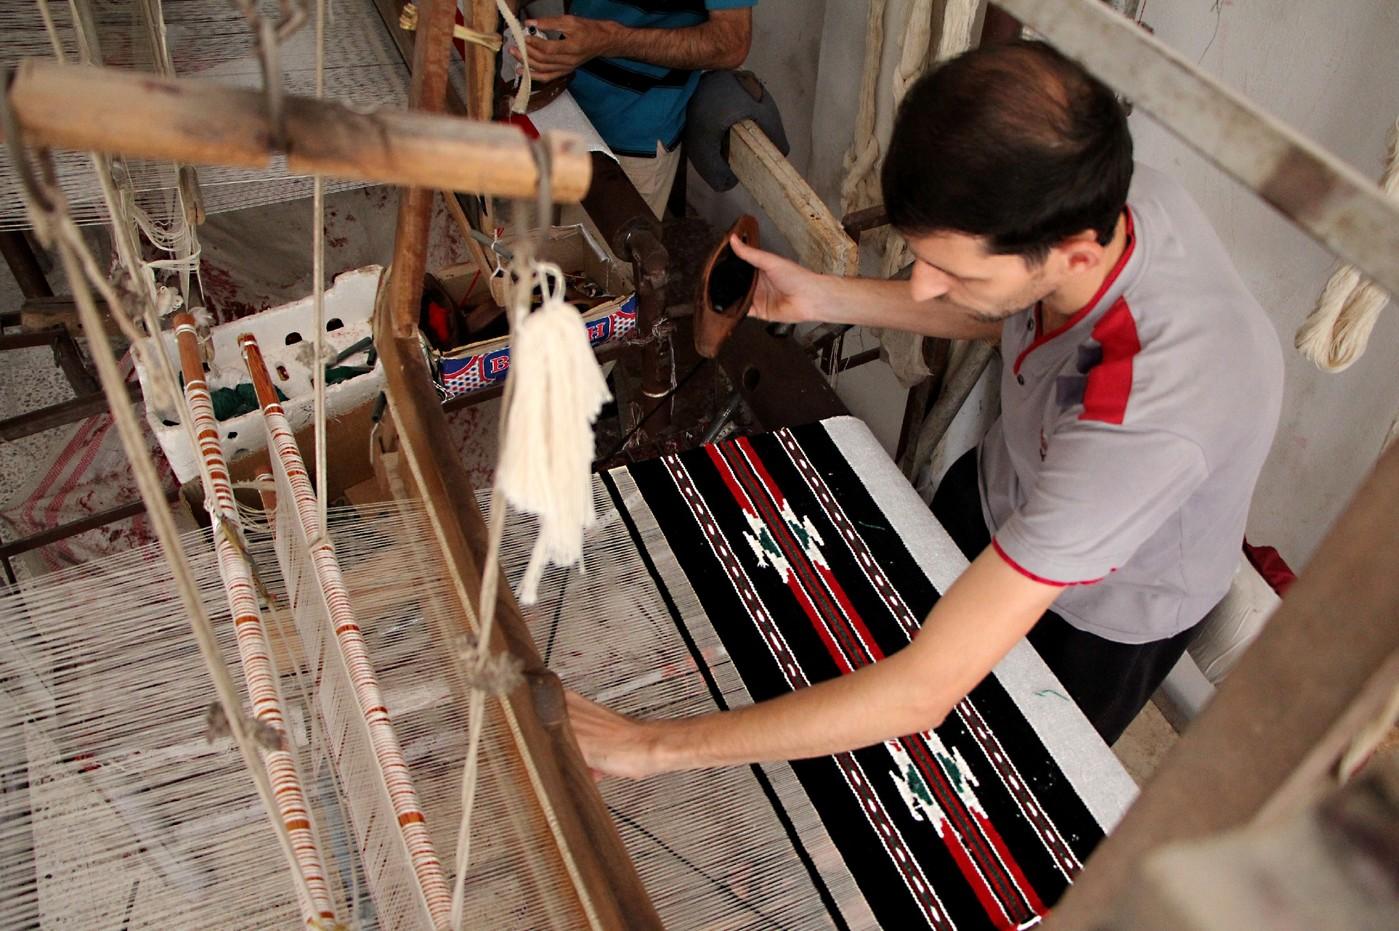 Syrie: sans laine, les artisans abandonnent leur métier à tisser